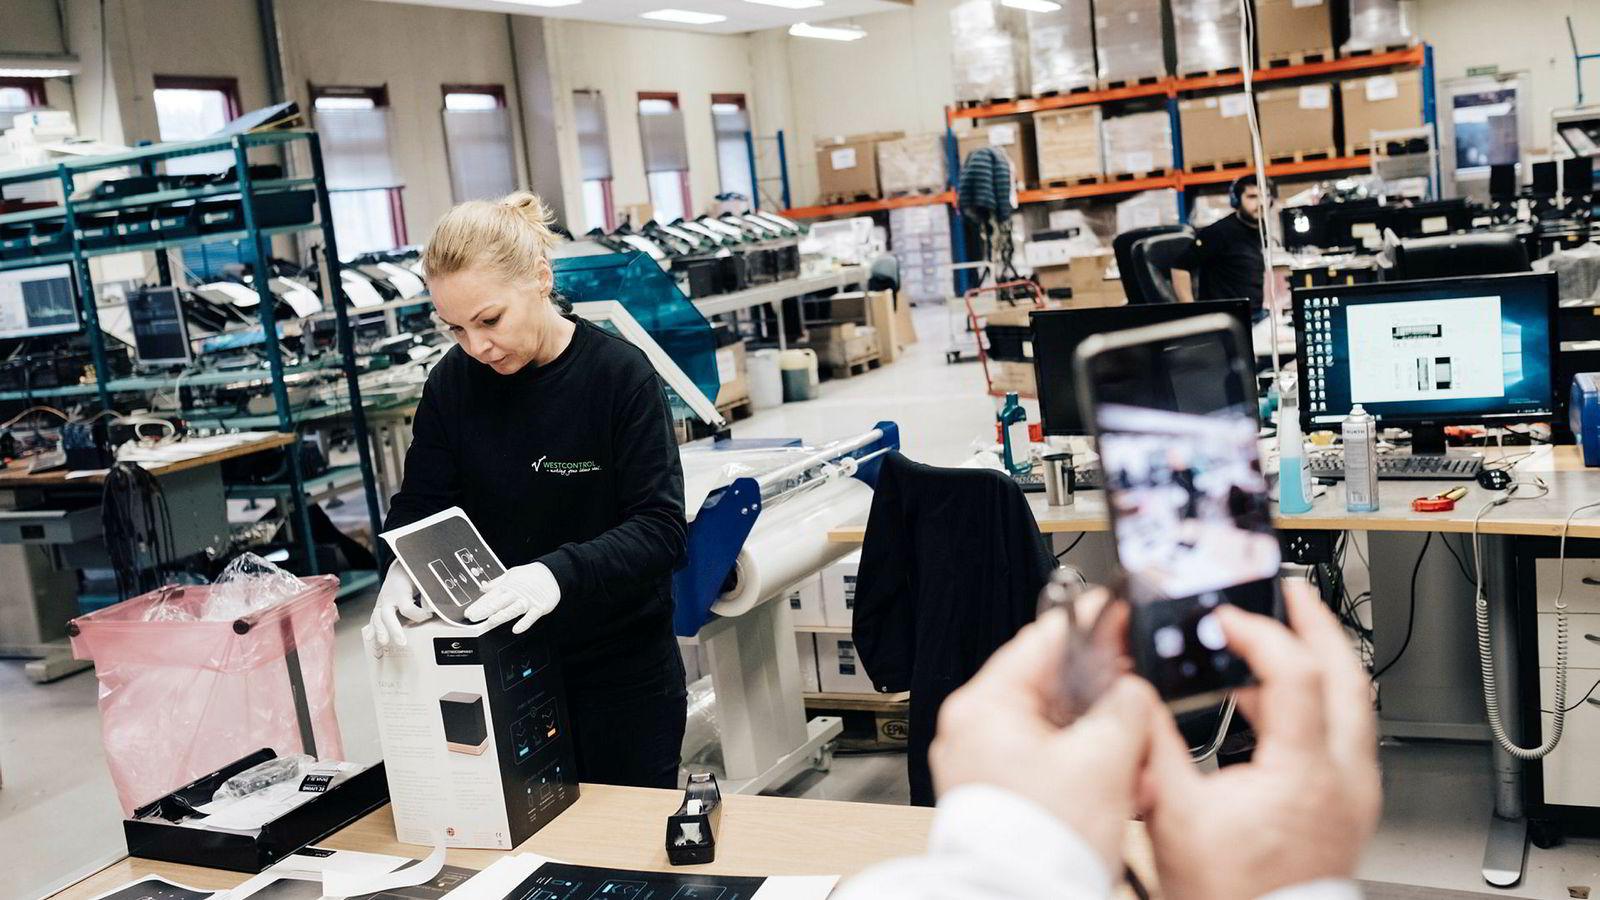 Electrocompaniet gikk konkurs i 2018, men nye krefter håper å få lyd i høyttalerne igjen. Giedre Griguceviciene fra Litauen pakker EC-living-høyttalere.